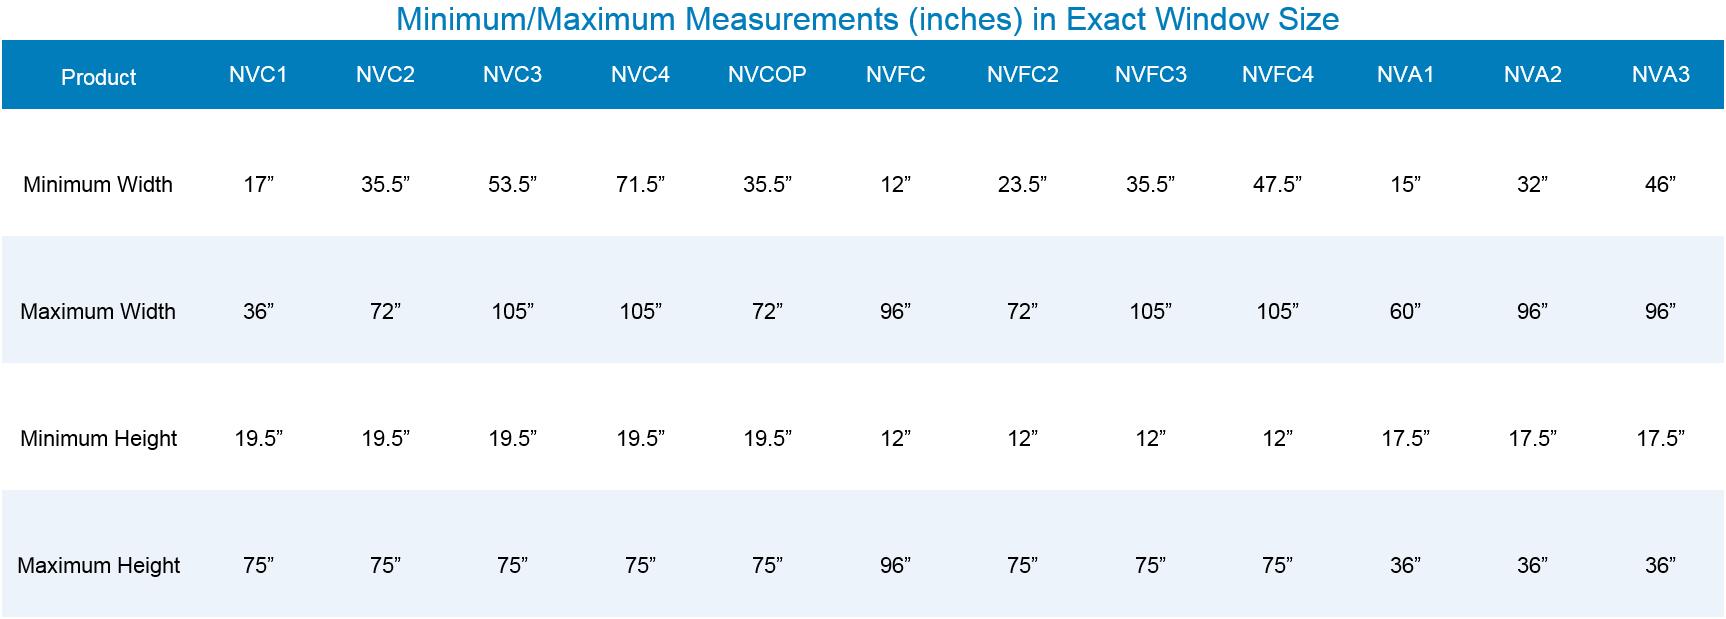 MinMax Measurements Envision casements